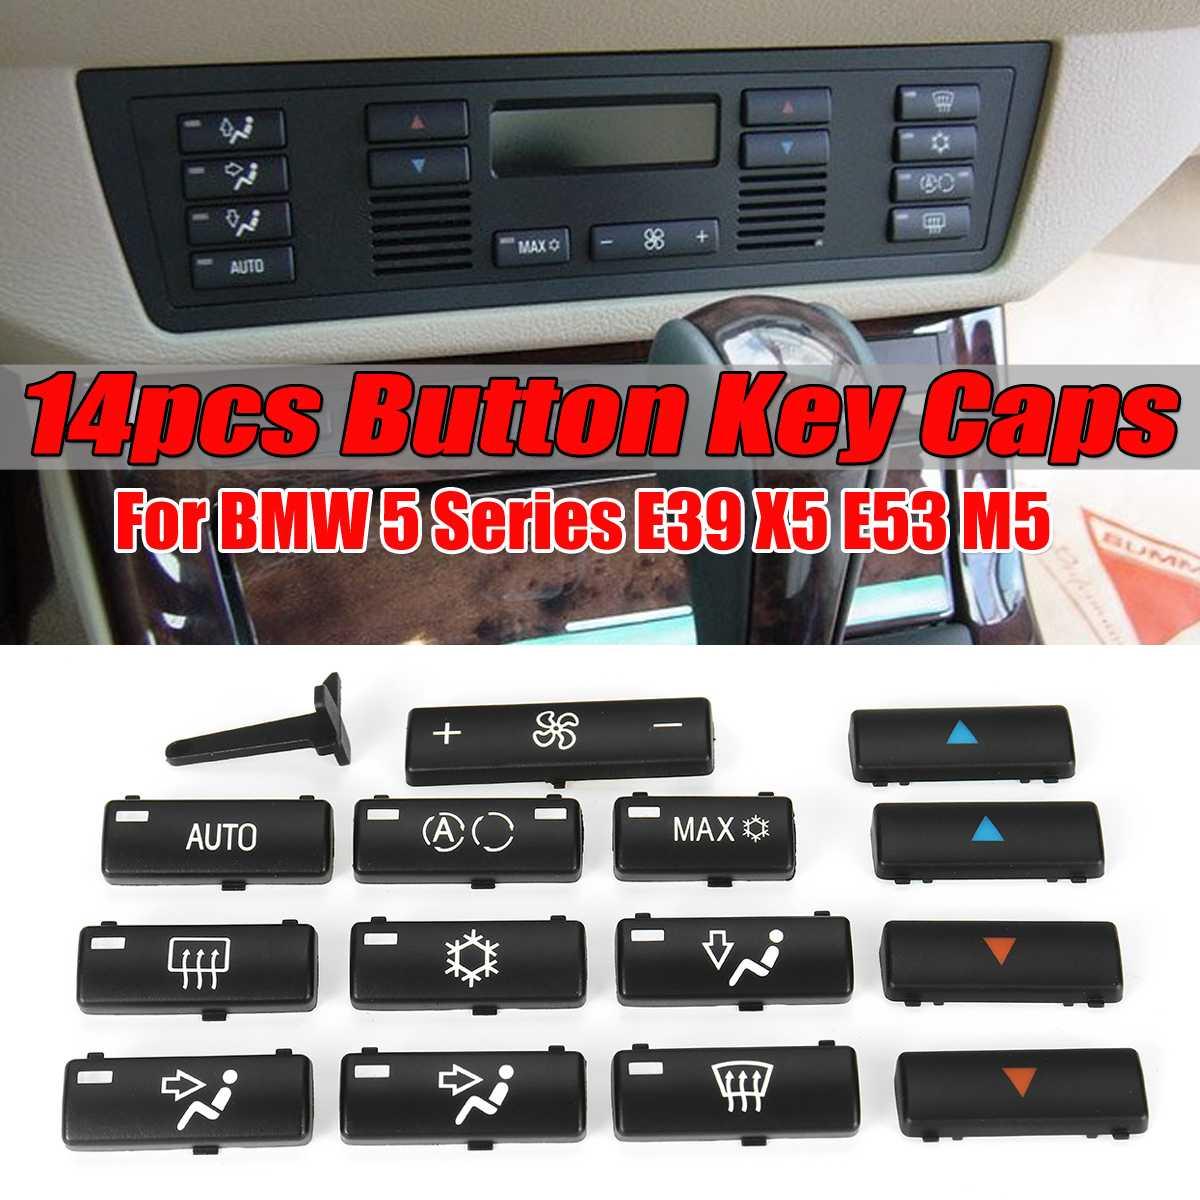 14 przycisk czapki wymiana parametrów klimatycznych A/C sterowania przełącznik panelu sterowania przyciski kapsle ochronne dla BMW E39 E53 525i 530i 540i M5 X5